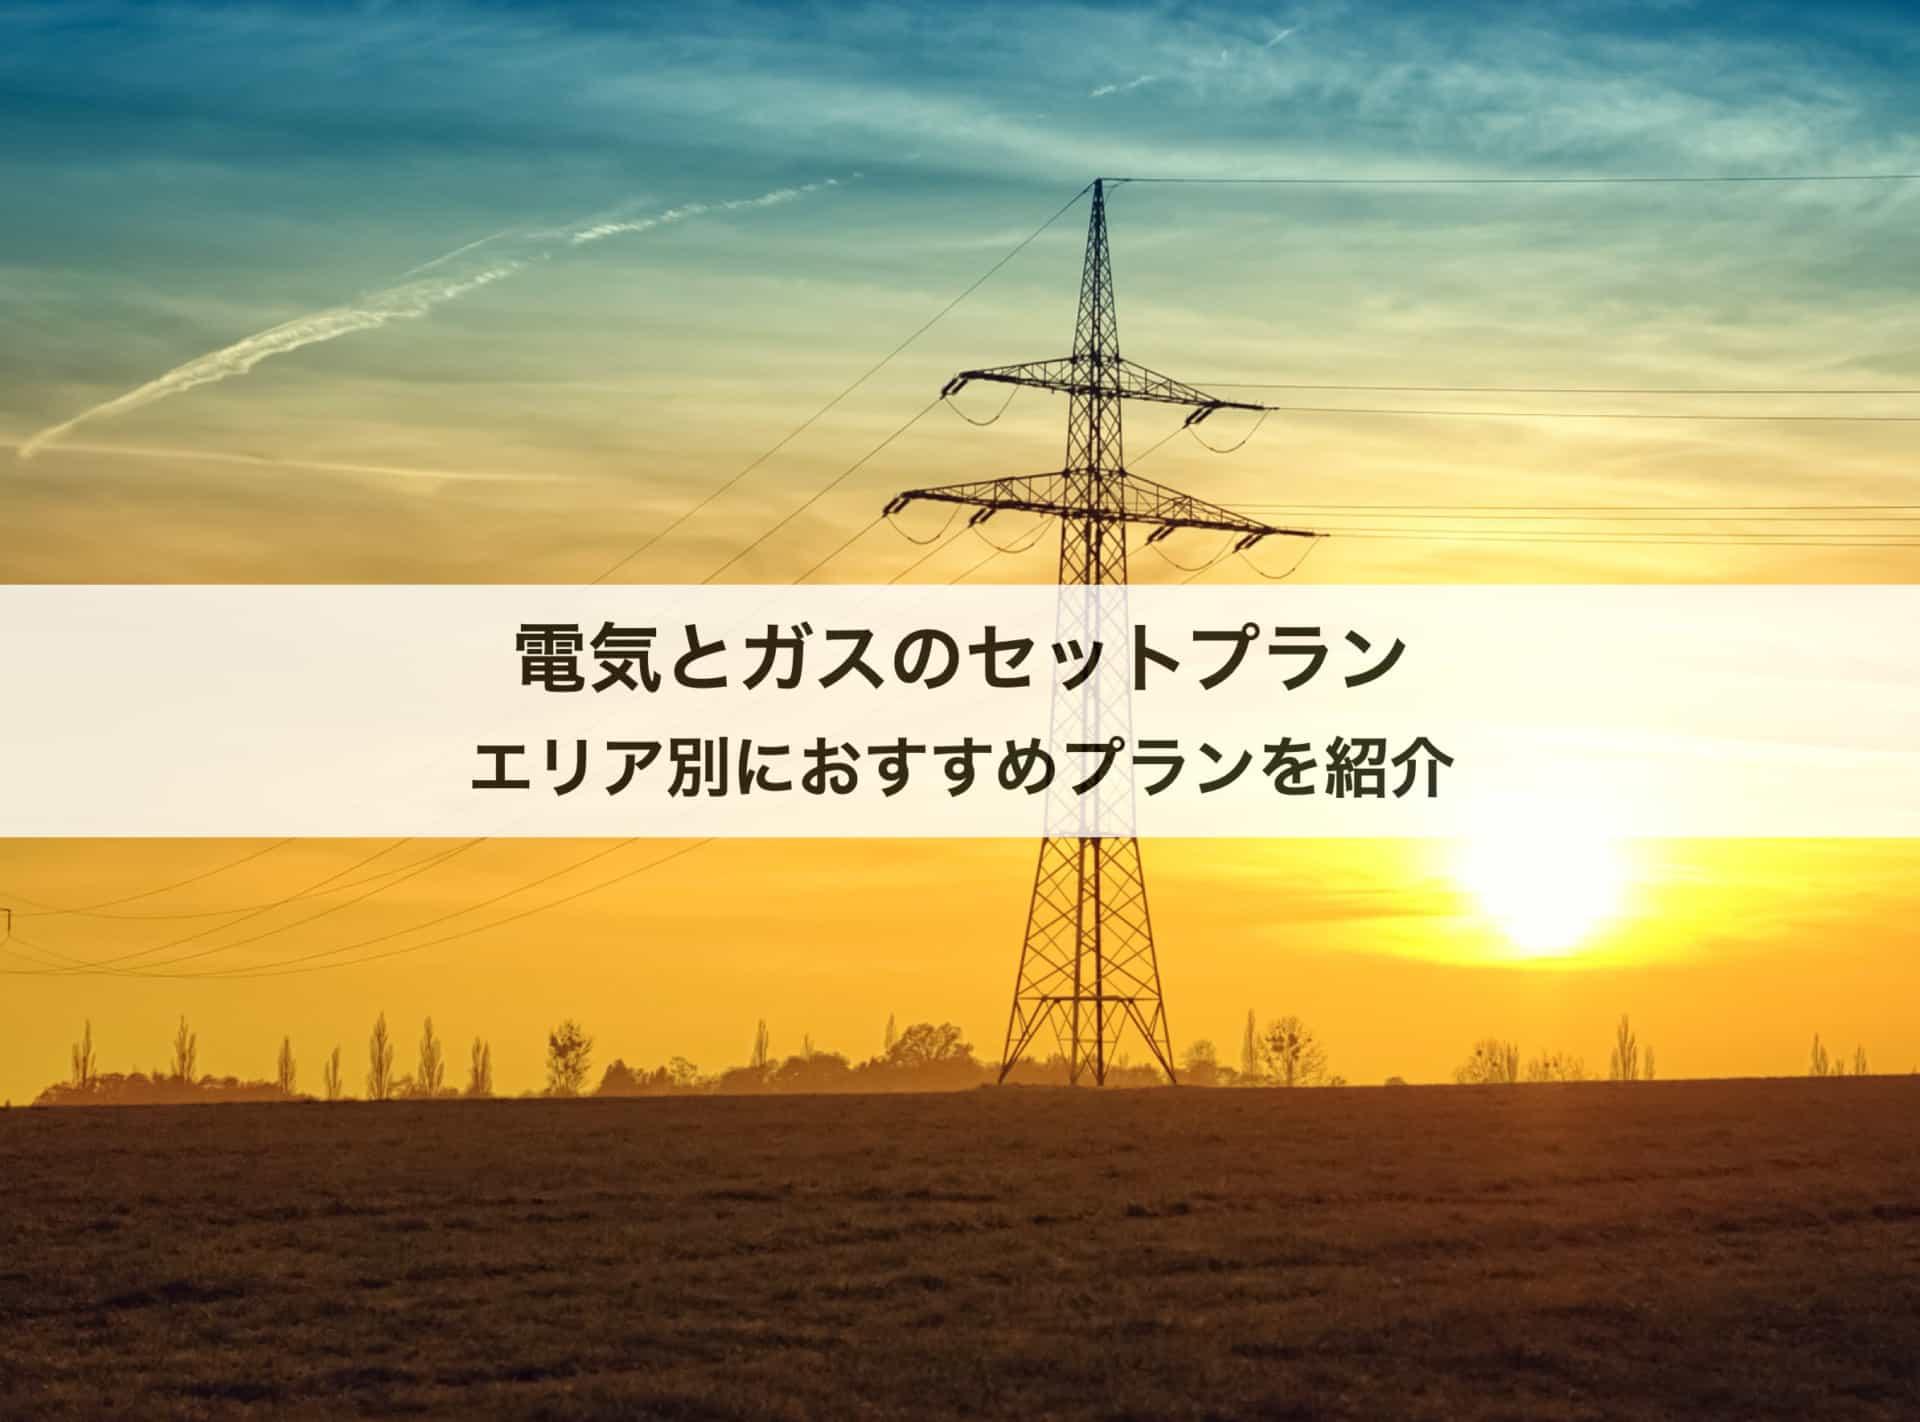 電気とガスのおすすめセットプラン|エリア別に紹介します!